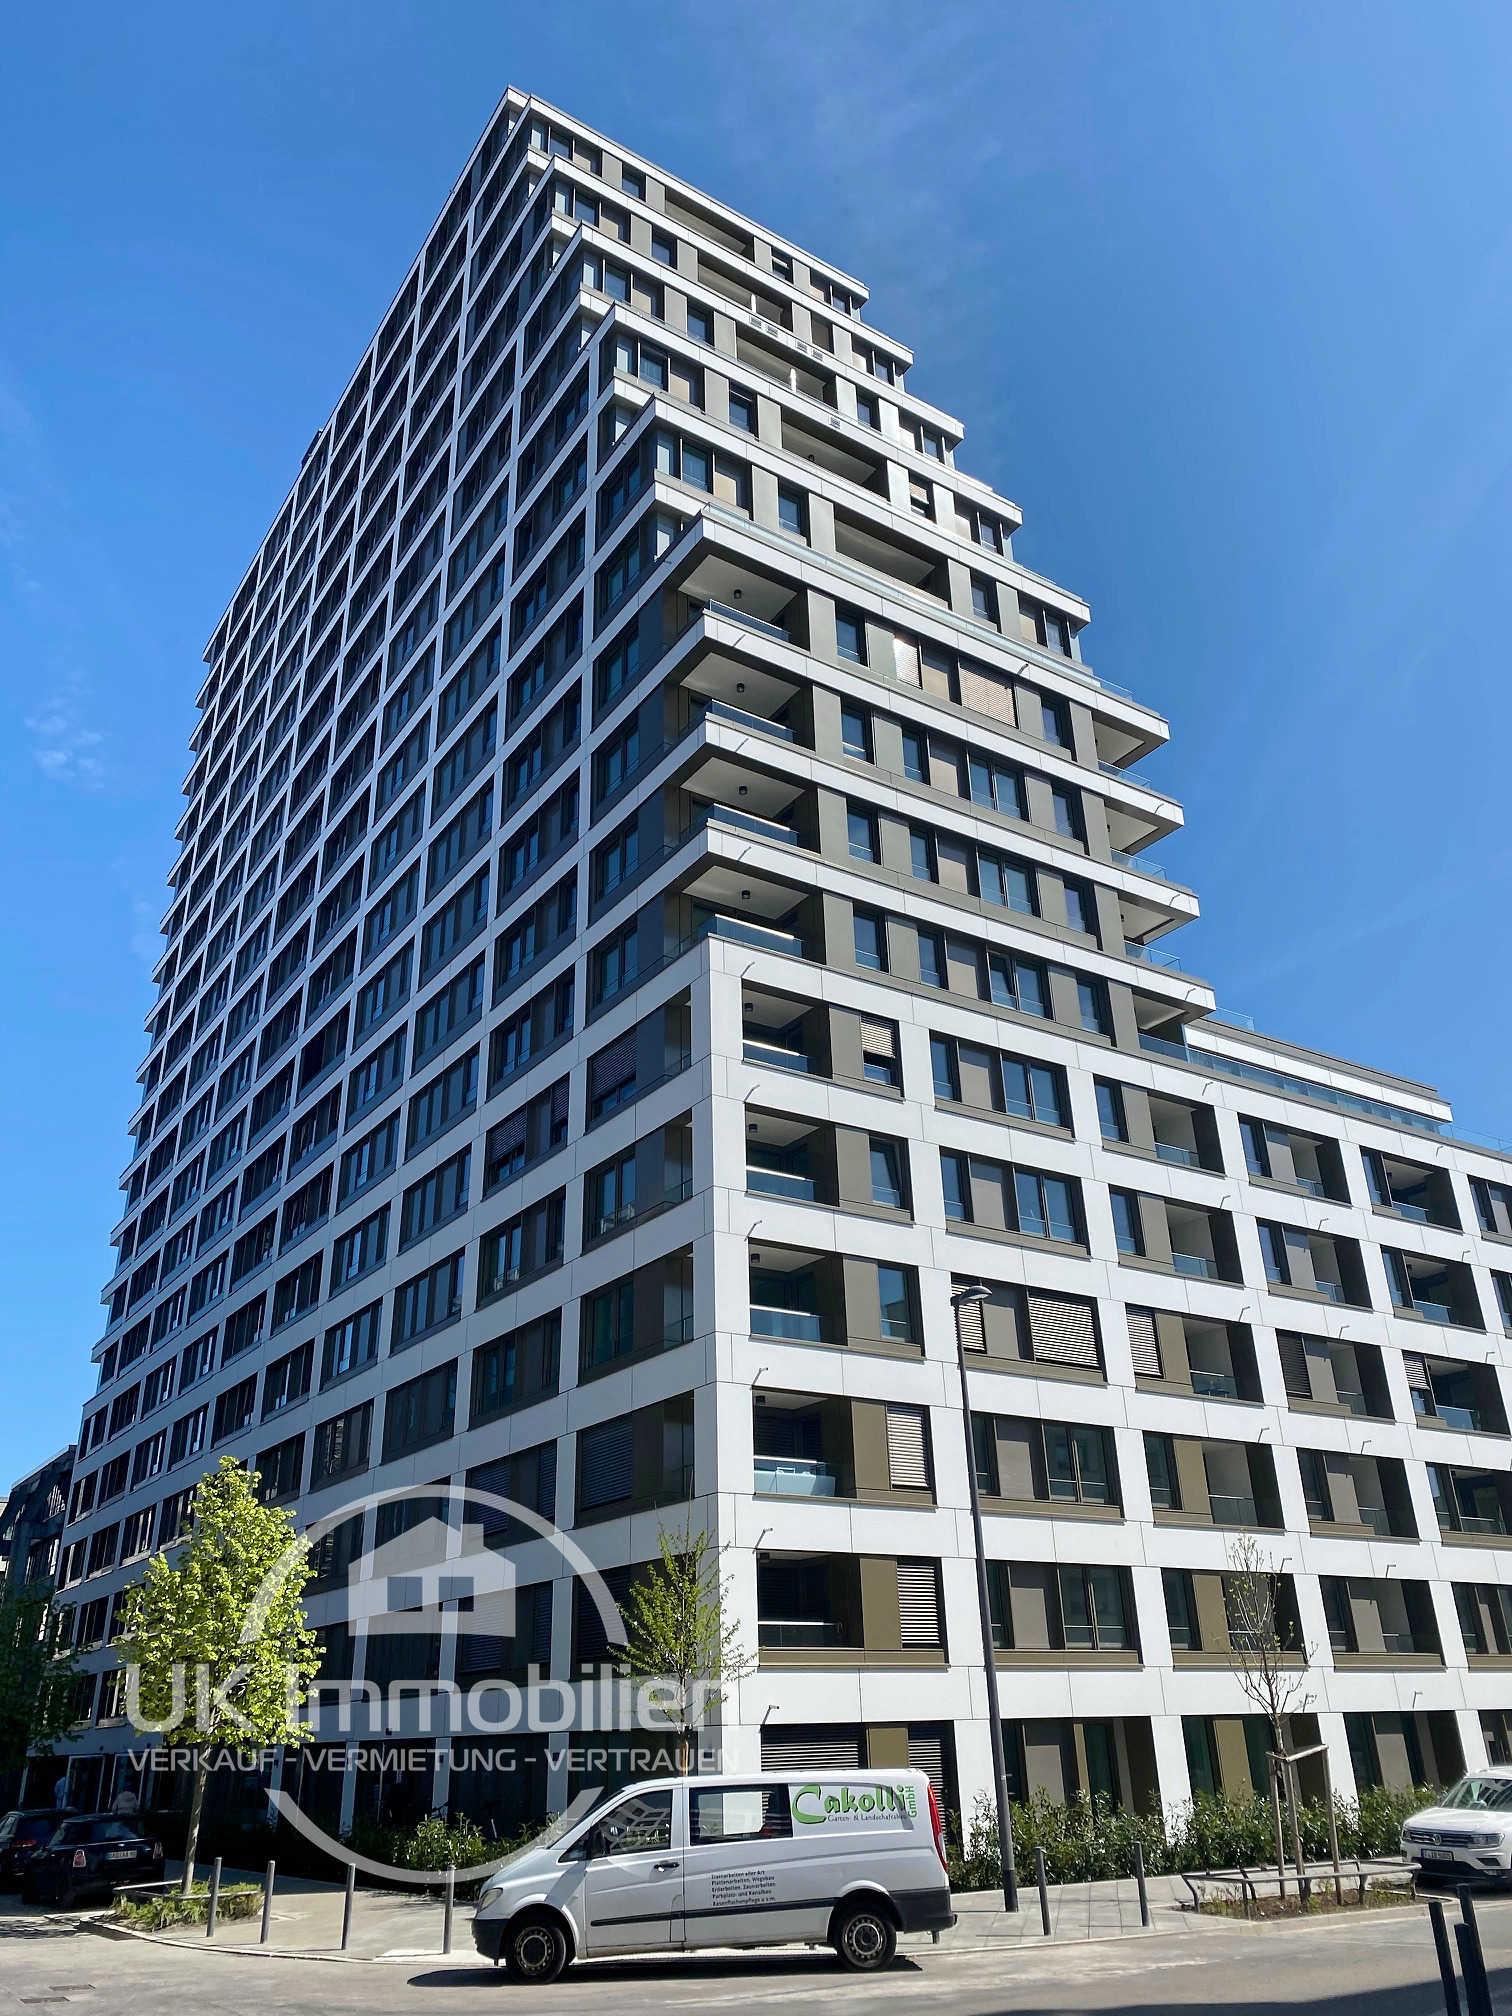 Immobilienmakler-Frankfurt-Europaviertel, Niedernhausener-Strasse 13, Solid, SOLID-HOME, Solid